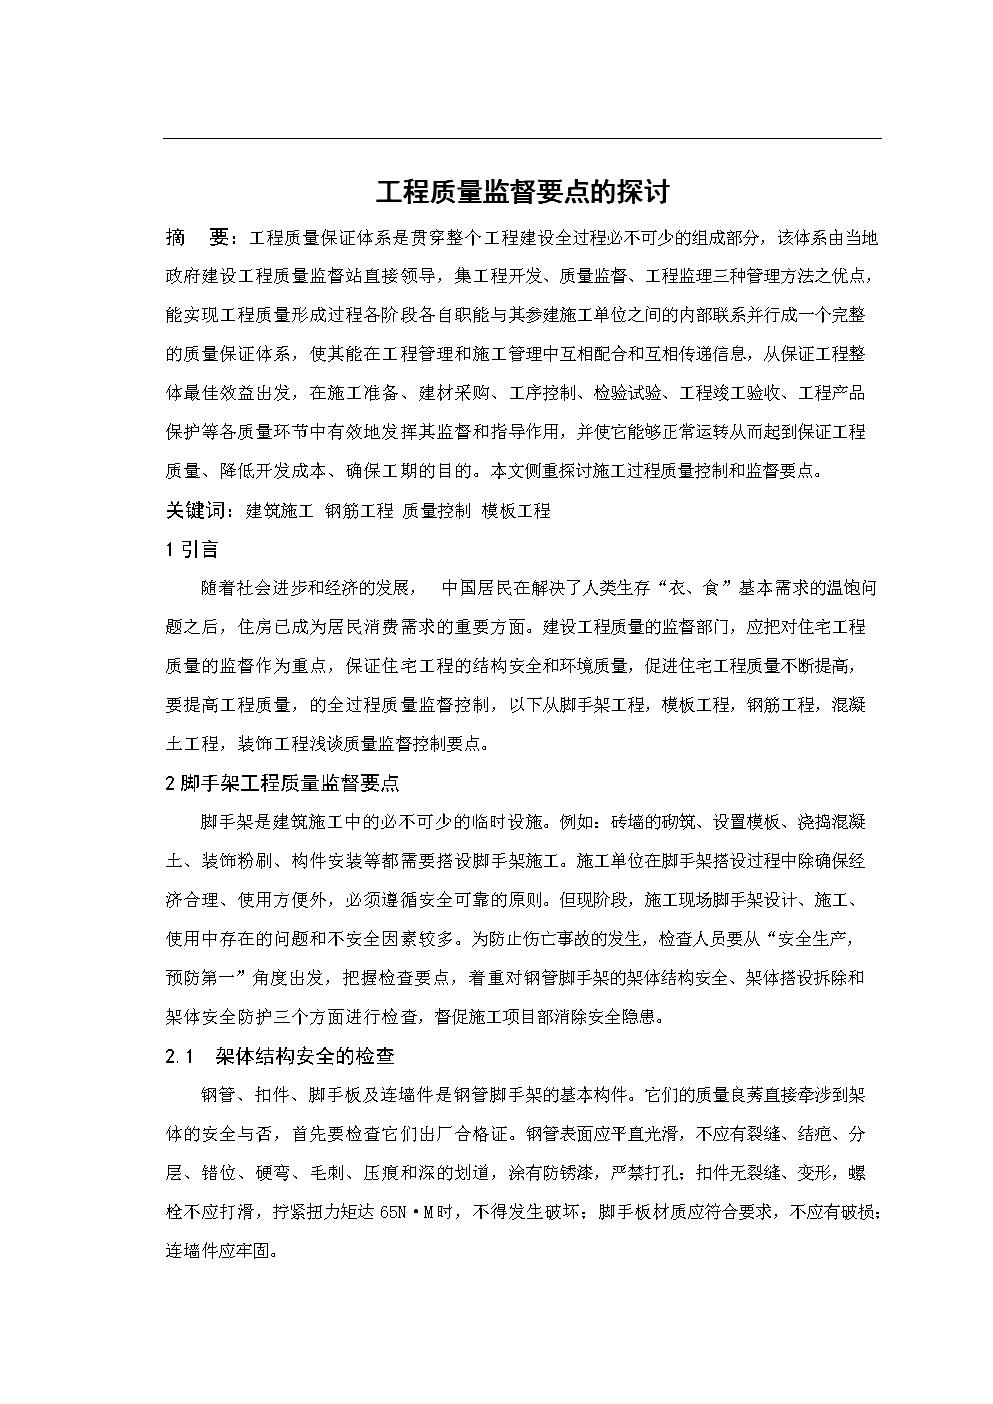 《工程质量监督要点的探讨》-毕业设计(论文).doc